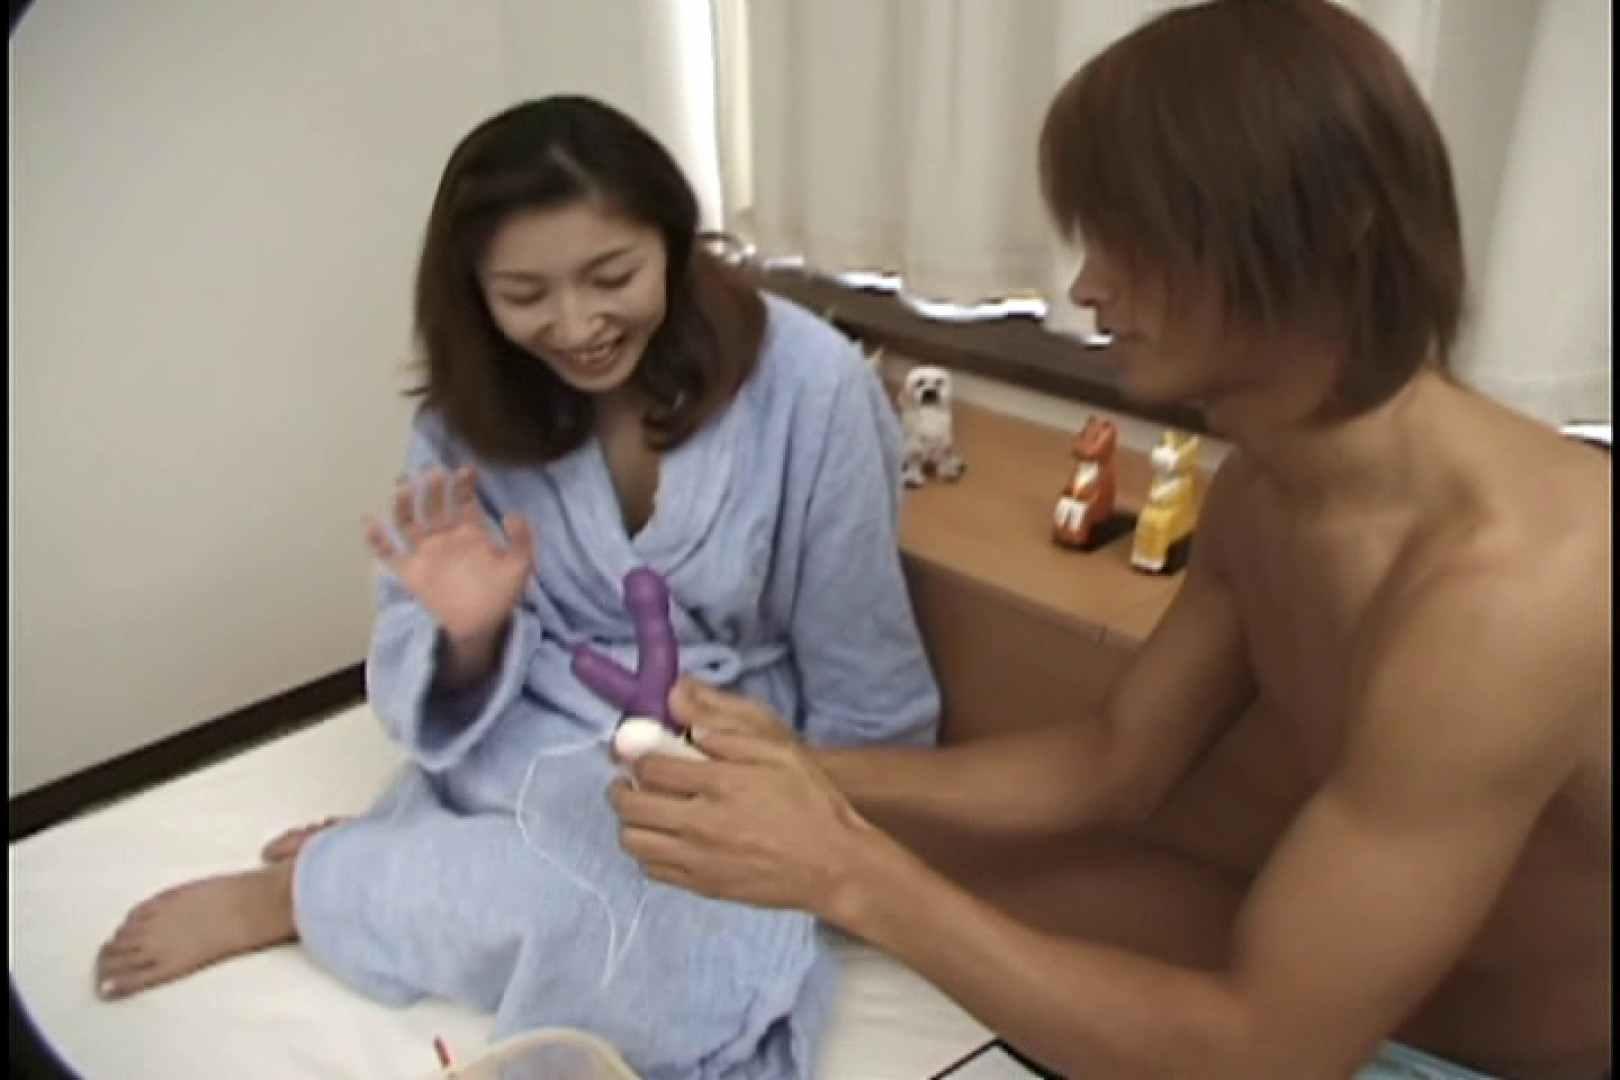 昼間の奥様は欲求不満 ~安田弘美~ 人妻のエロ生活 おまんこ無修正動画無料 106連発 52